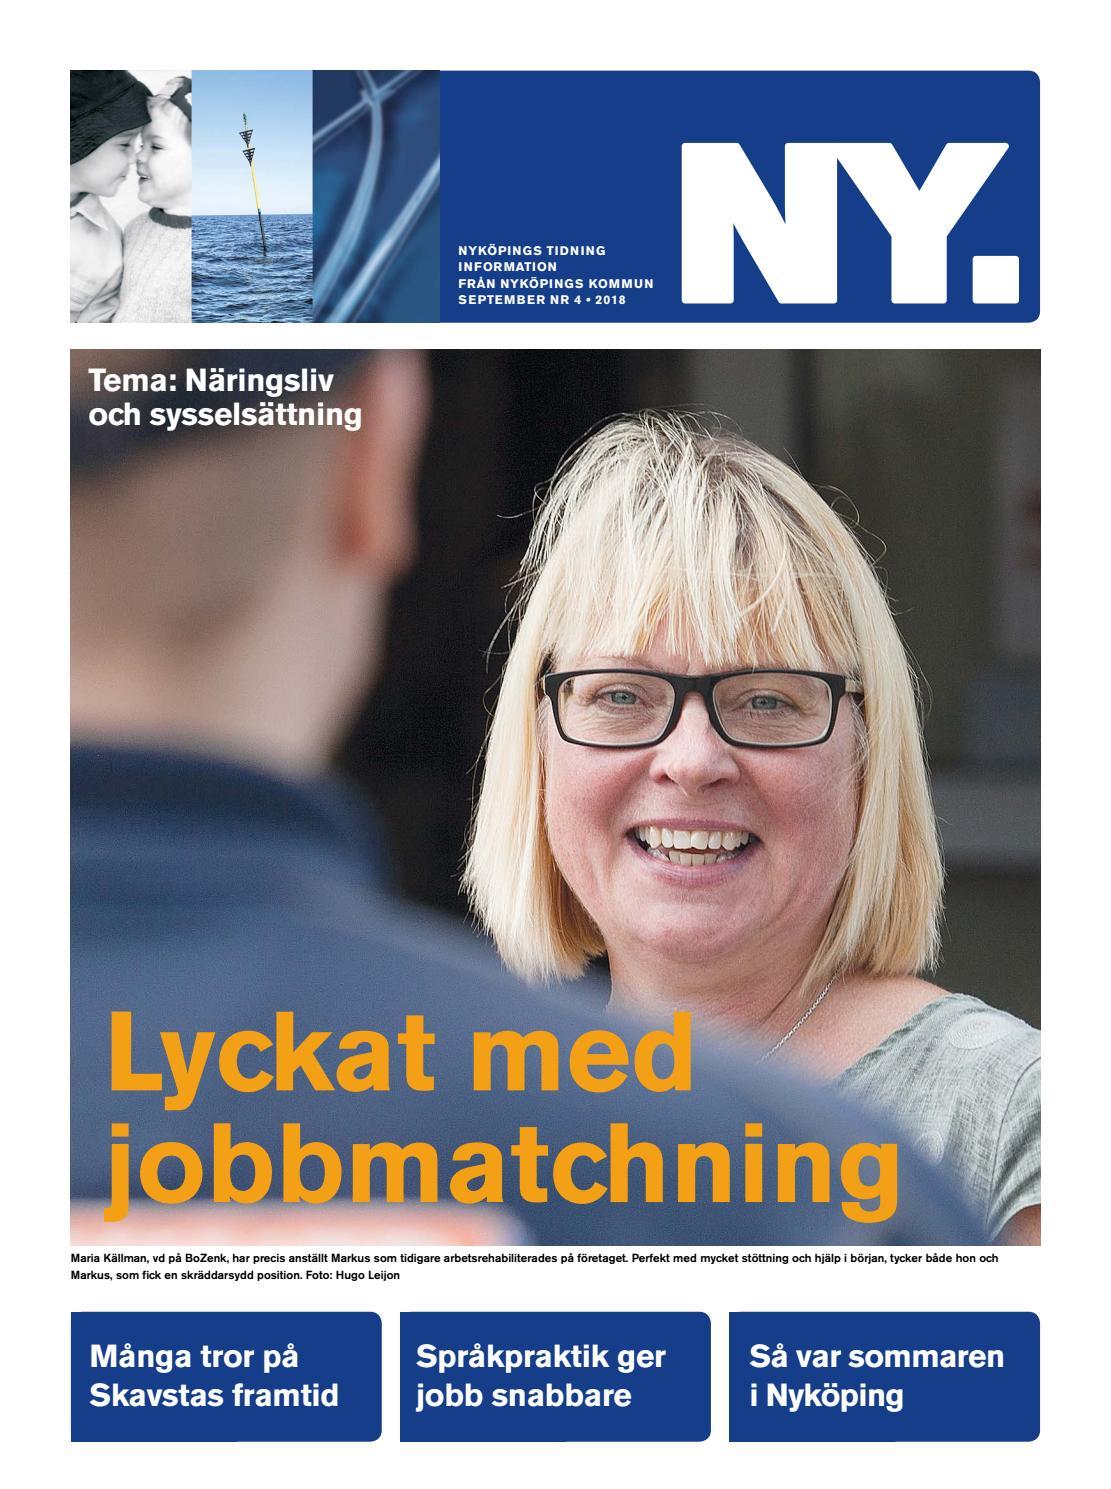 bilder av damer fra nyköping gratis sex i tranås